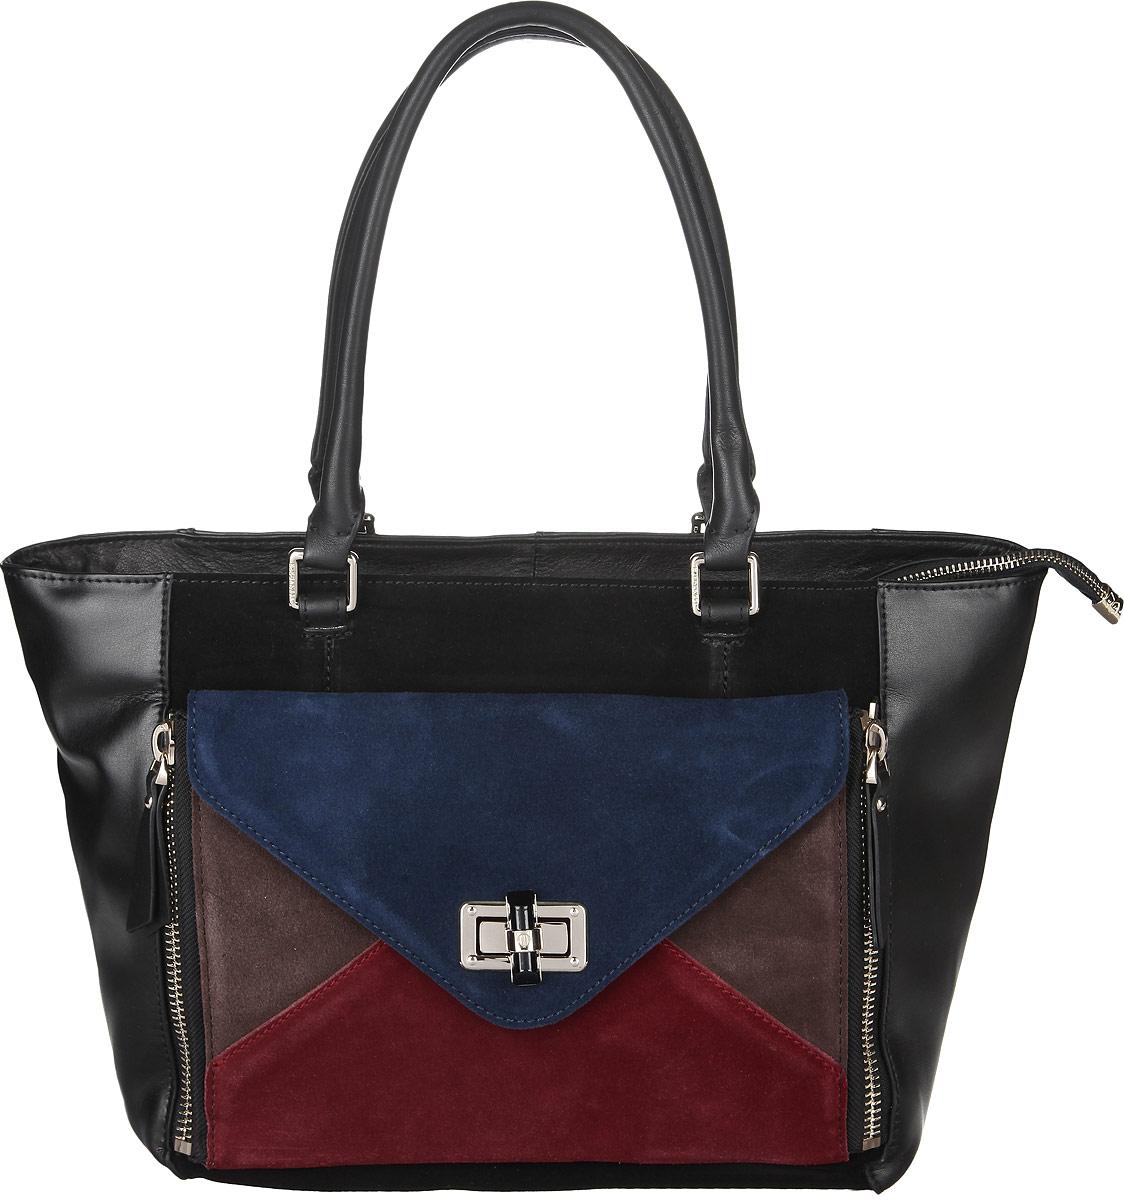 Сумка женская Eleganzza, цвет: черный. Z4-5328Z4-5328Стильная сумка Eleganzza, изготовлена из натуральной кожи, оформлена металлической фурнитурой цветными замшевыми вставками. Изделие содержит одно отделение, которое закрывается на застежку-молнию. Внутри изделия расположены два накладных кармашка для мелочей, врезной карман на молнии и карман-средник на молнии. Задняя сторона изделия дополнена врезным карманом на молнии. На лицевой стороне расположен накладной карман, закрывающийся клапаном на замок-вертушку. Изделие оснащено двумя практичными ручками. На дне сумки размещены металлические ножки, которые защитят дно от преждевременного изнашивания. Оригинальный аксессуар позволит вам завершить образ и быть неотразимой.